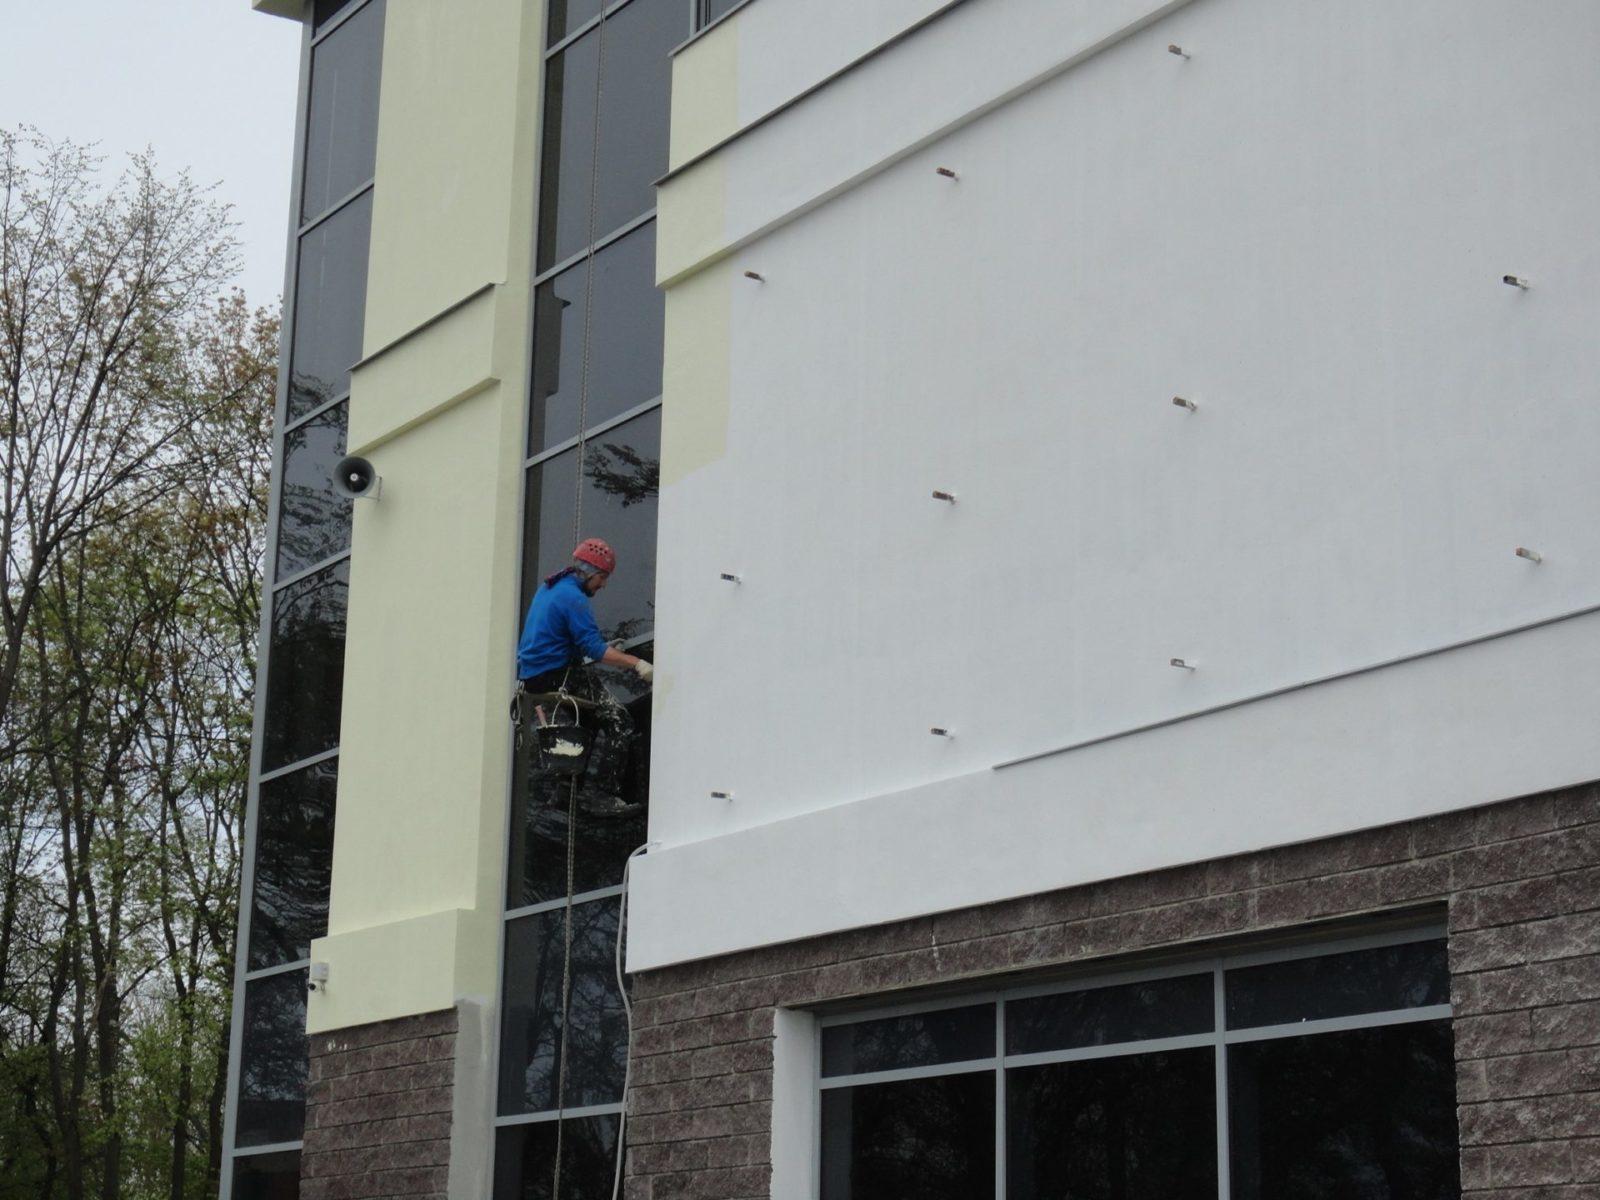 Выполнены работы косметического характера по устройству нового штукатурного фасада для ООО «АСК Цитадель» в Петербурге